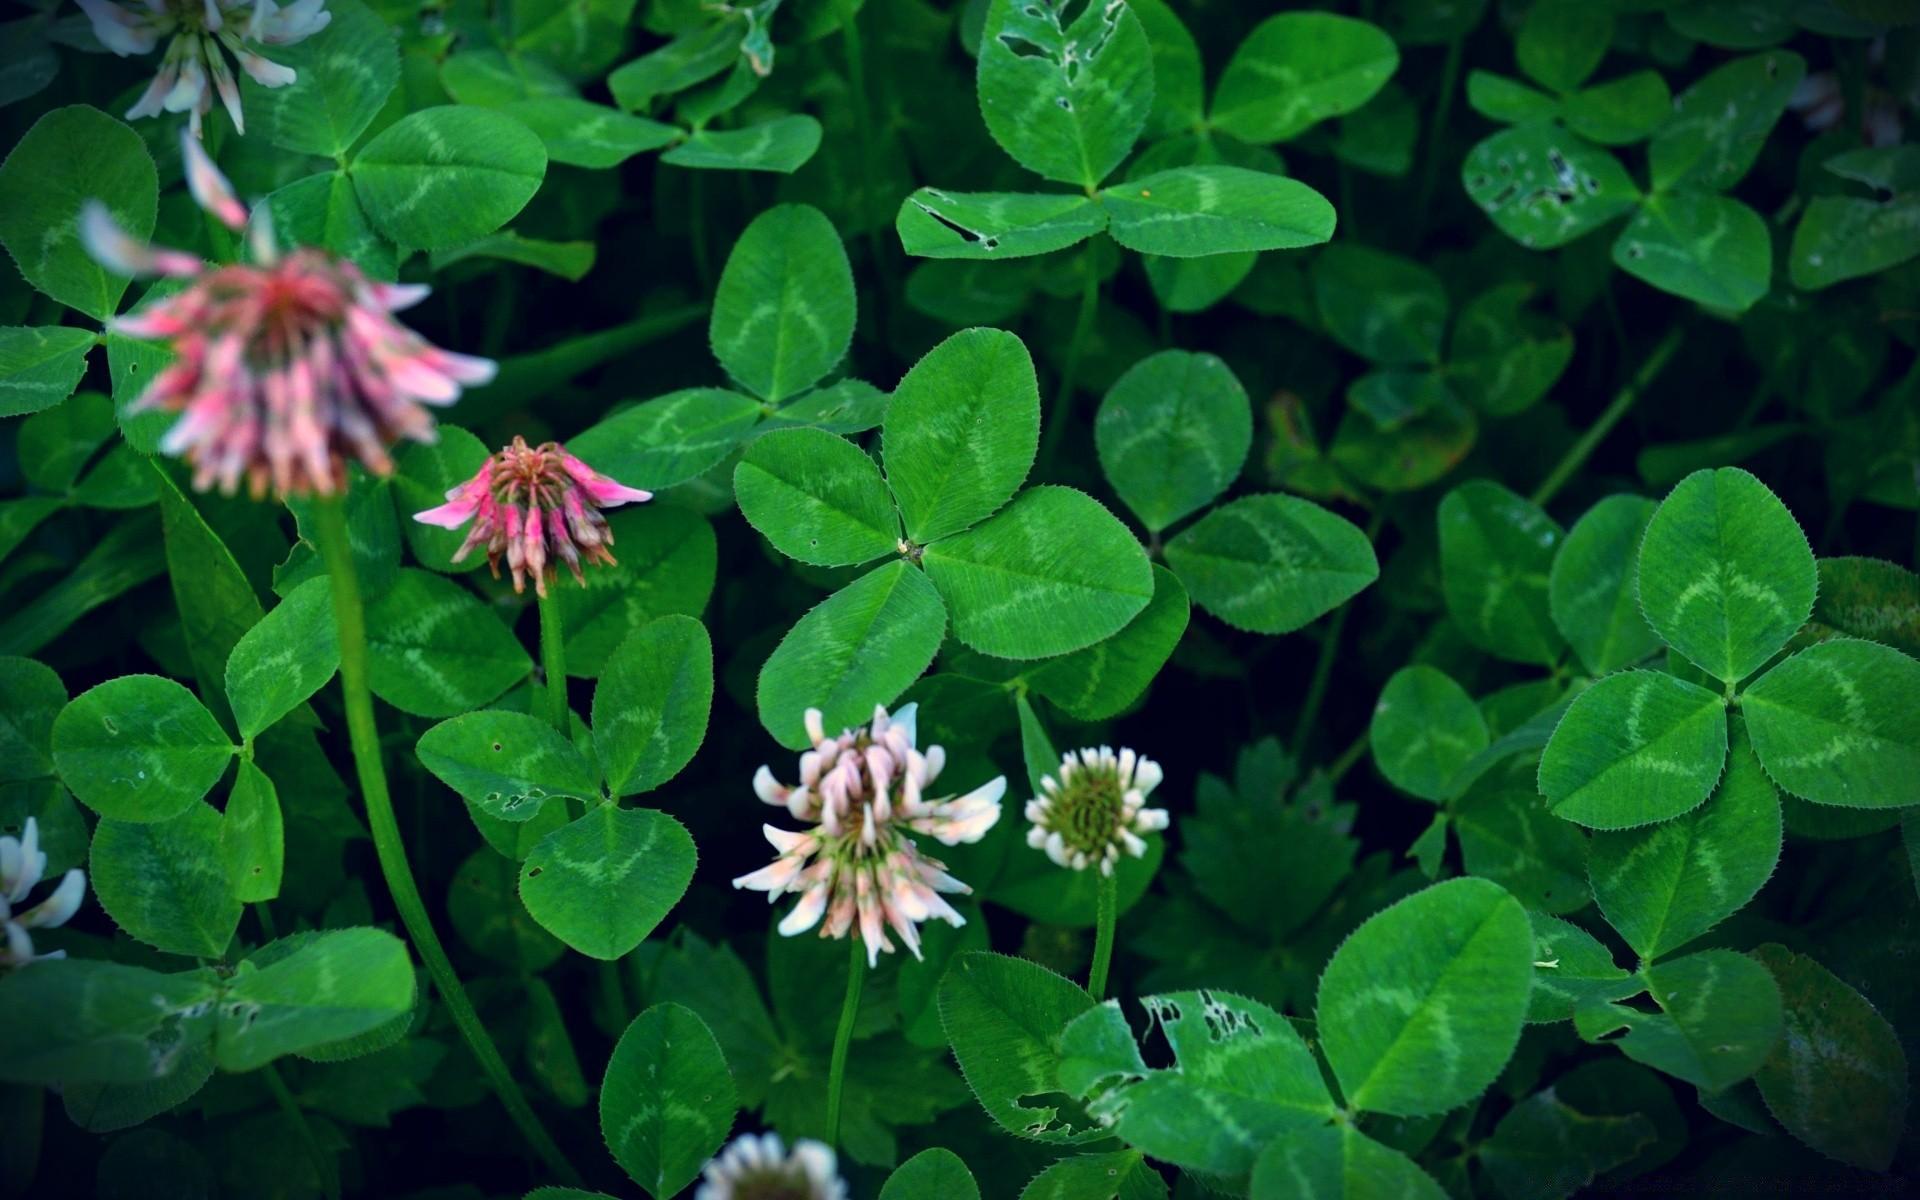 картинки растений клевер четырехлистный предыдущие годы, конкурс-фестиваль